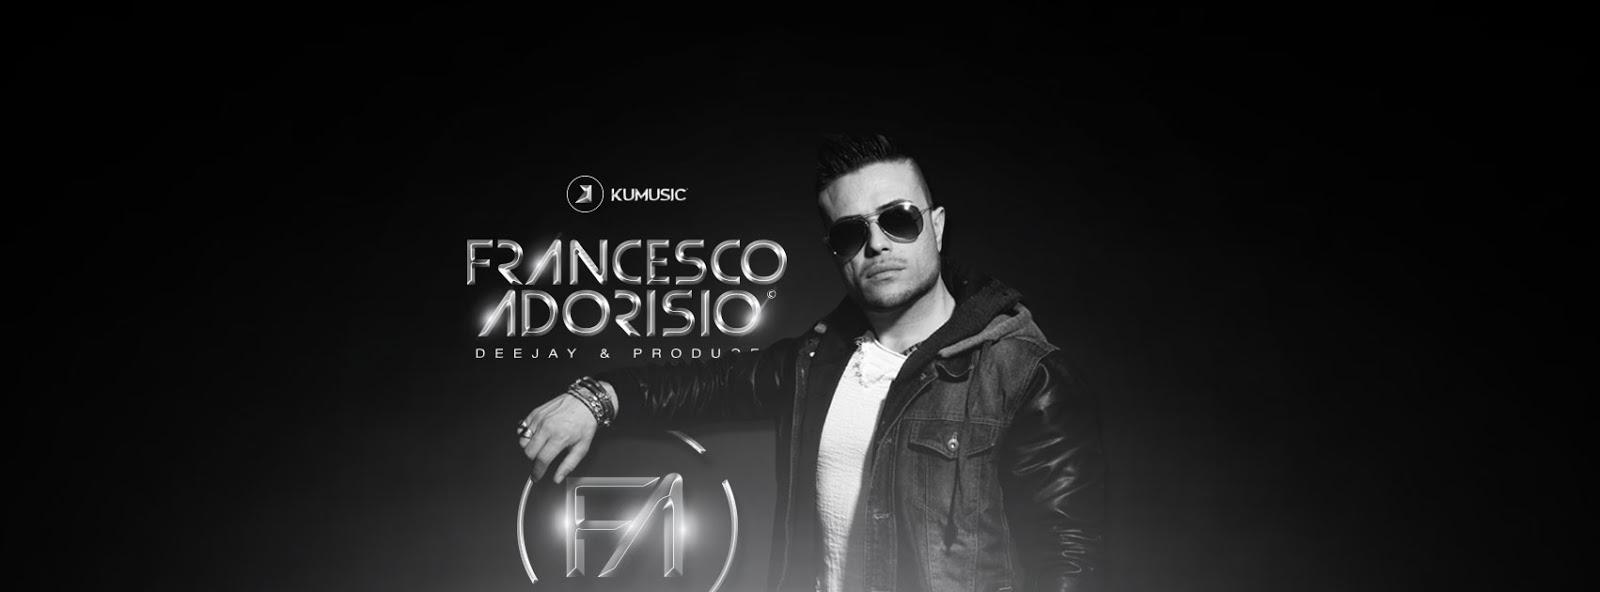 Il sound di Francesco Adorisio: House, Electro - Pop, Deep & Electronic